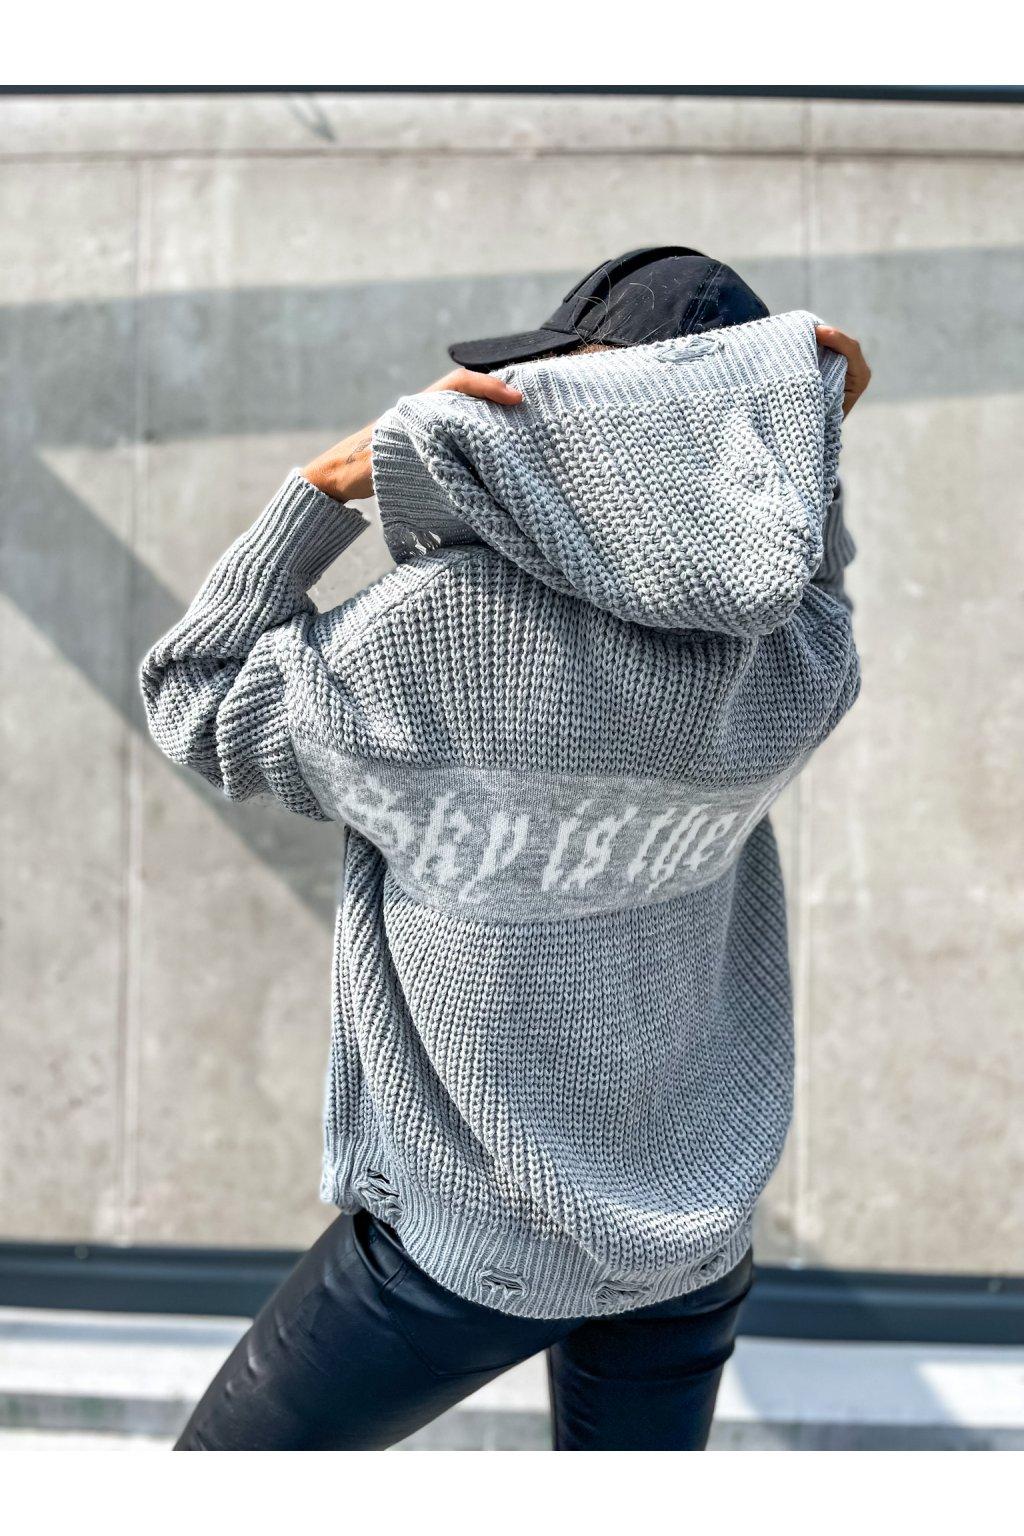 damsky trhany svetr na zip limit grey eshopat cz 1